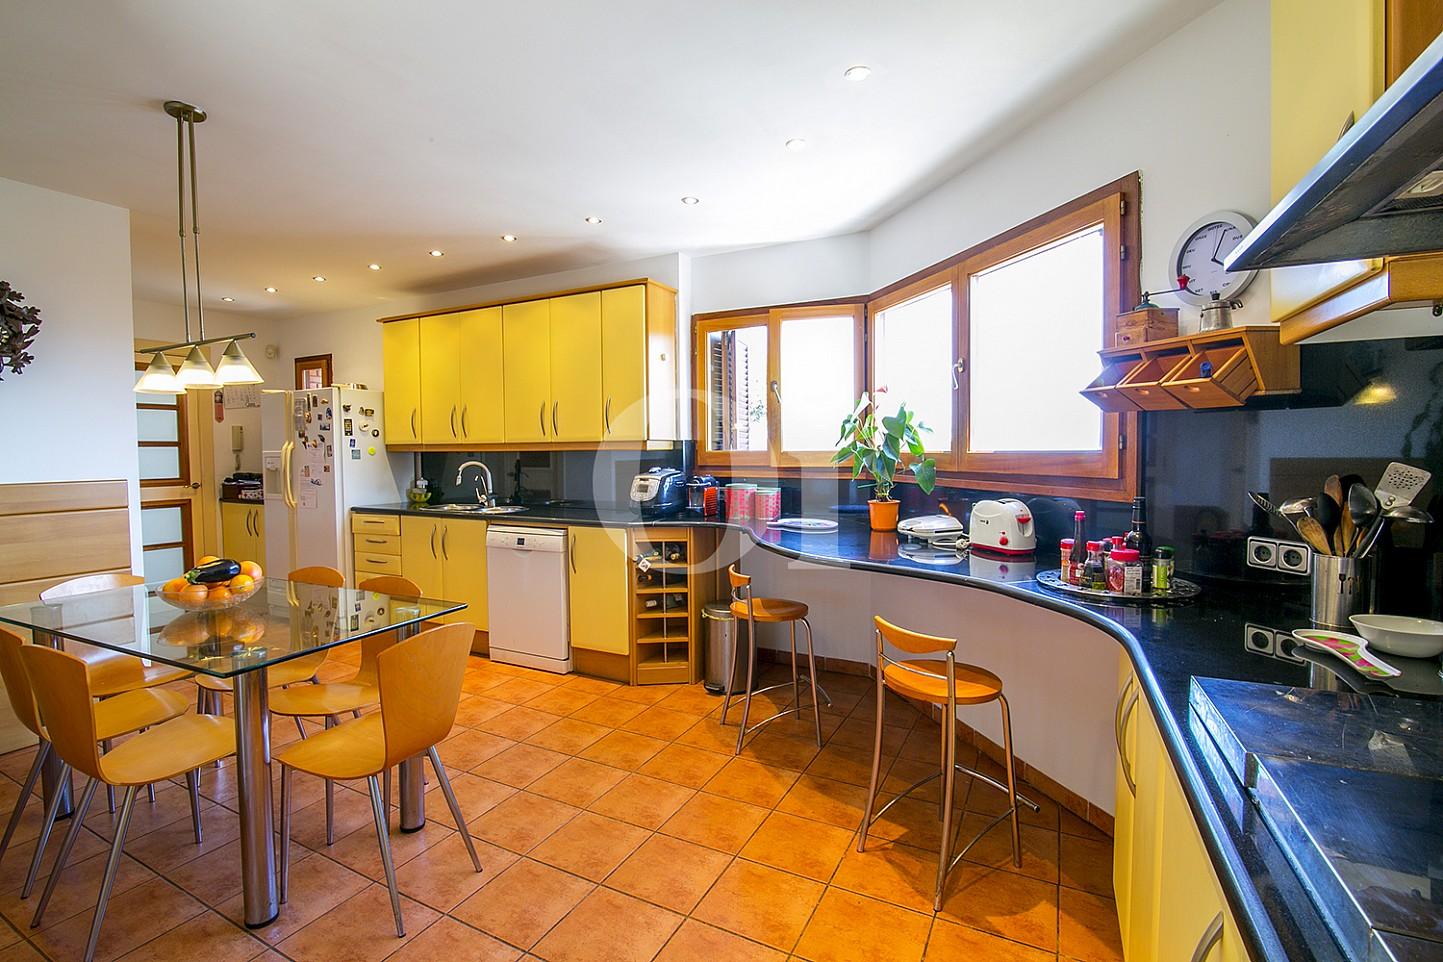 Magnifica cocina equipada e independiente en lujosa casa en venta en Teià